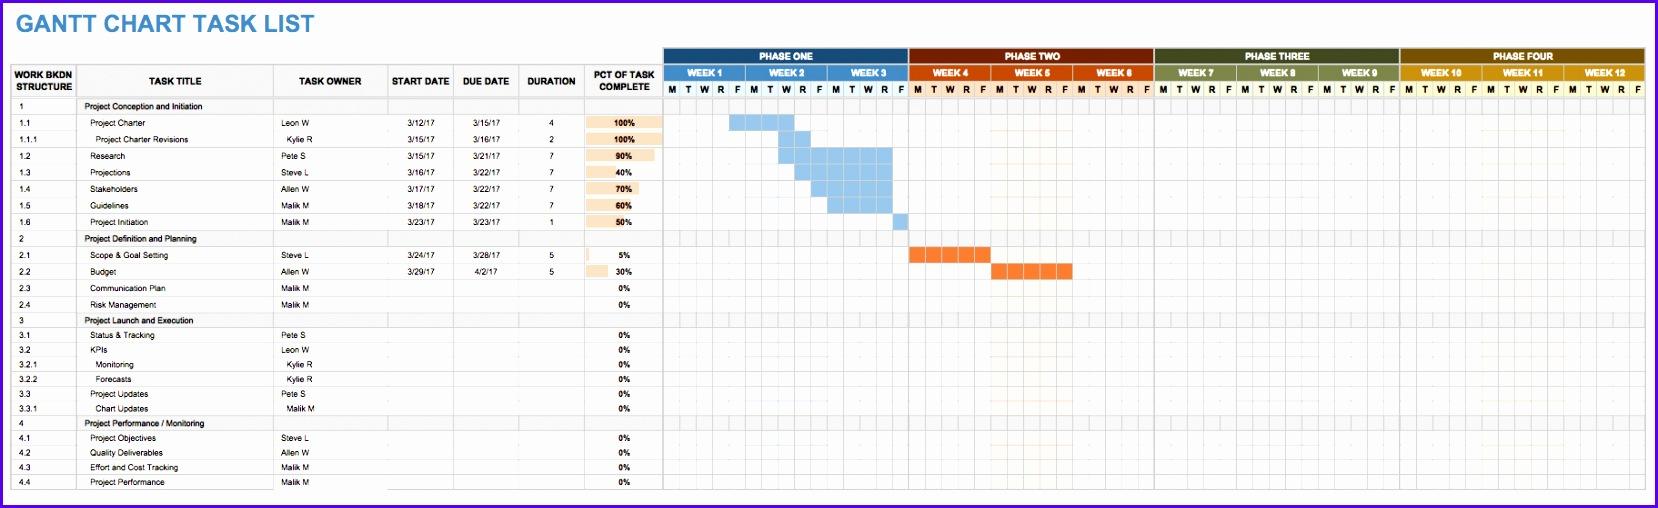 Gantt Chart Task List 1658508